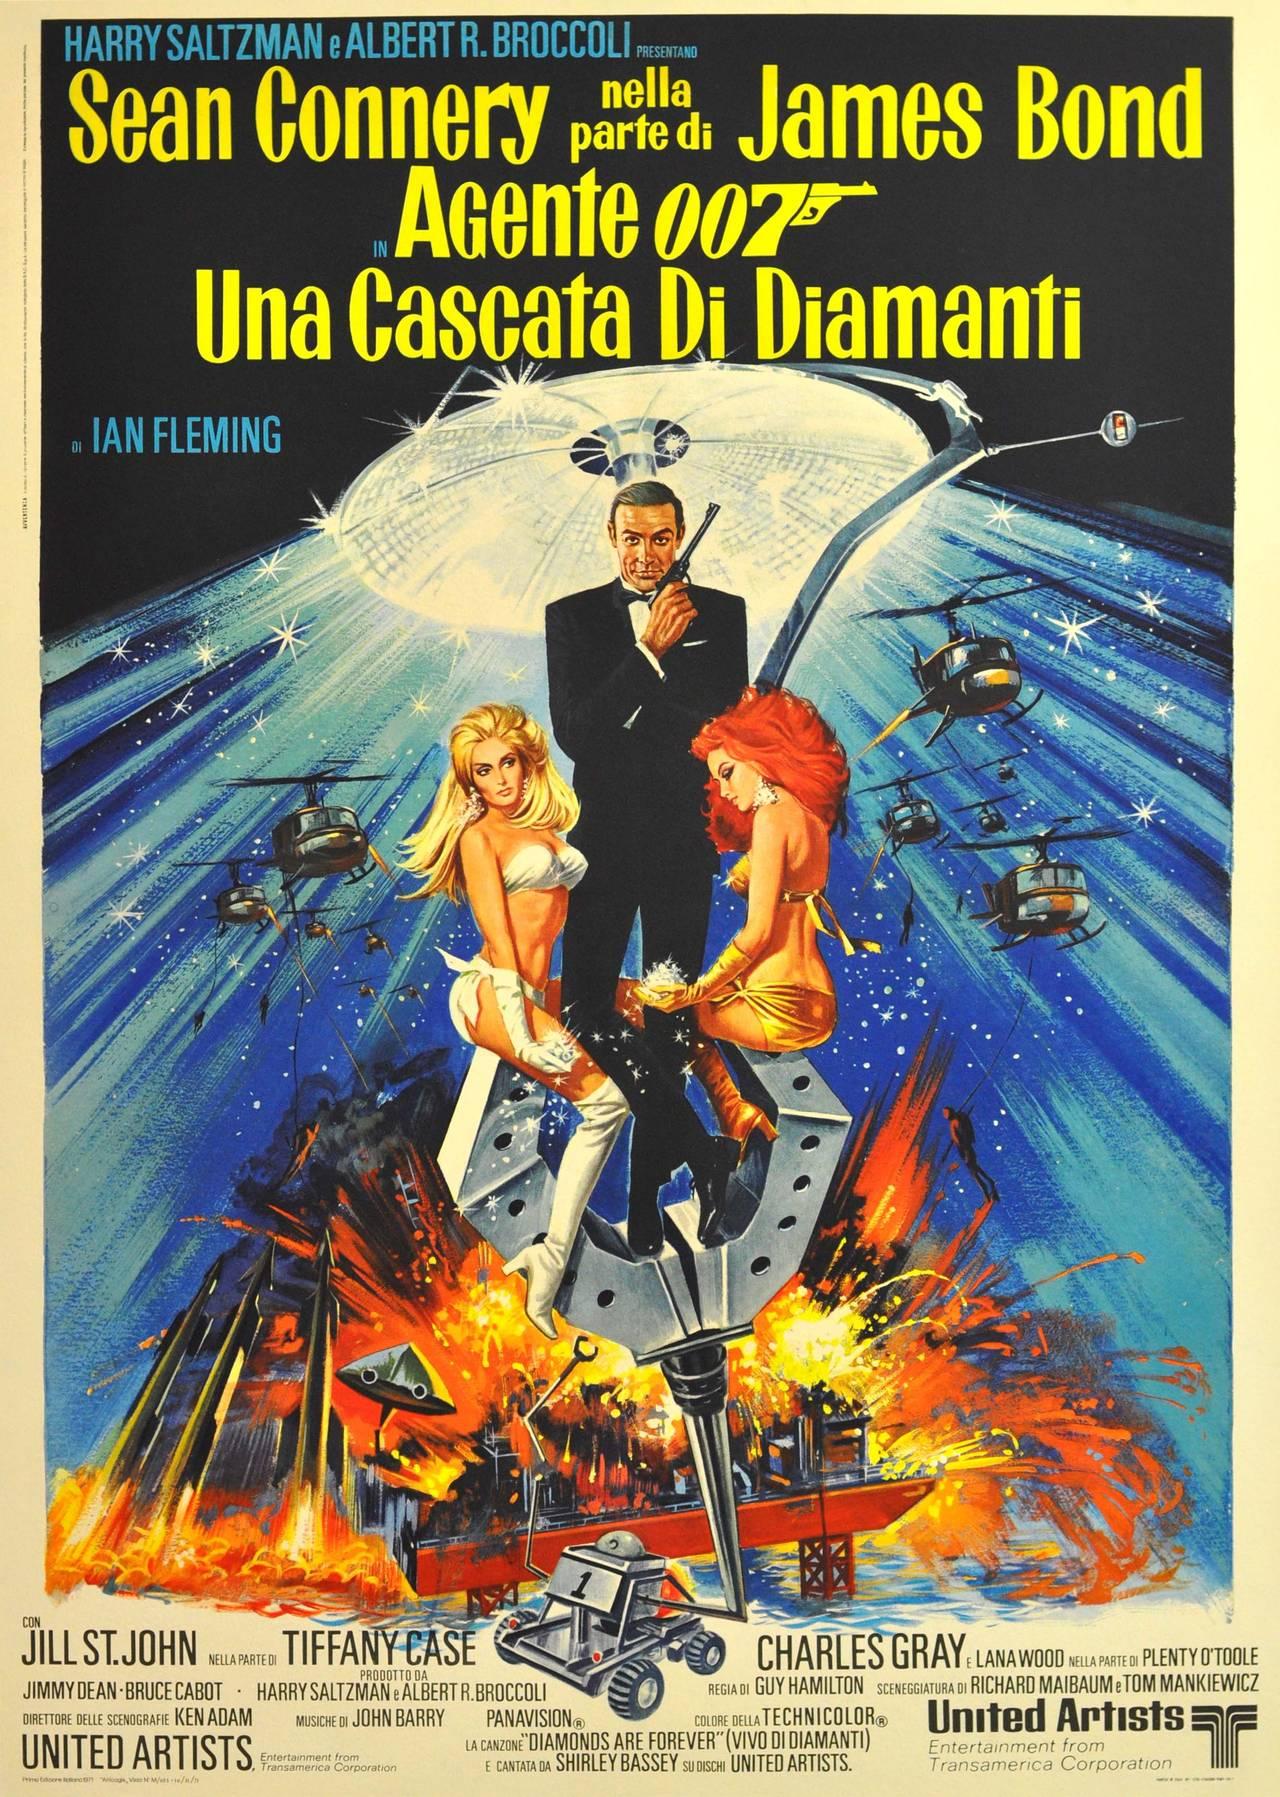 Robert McGinnis - Original Vintage James Bond Movie Poster ...